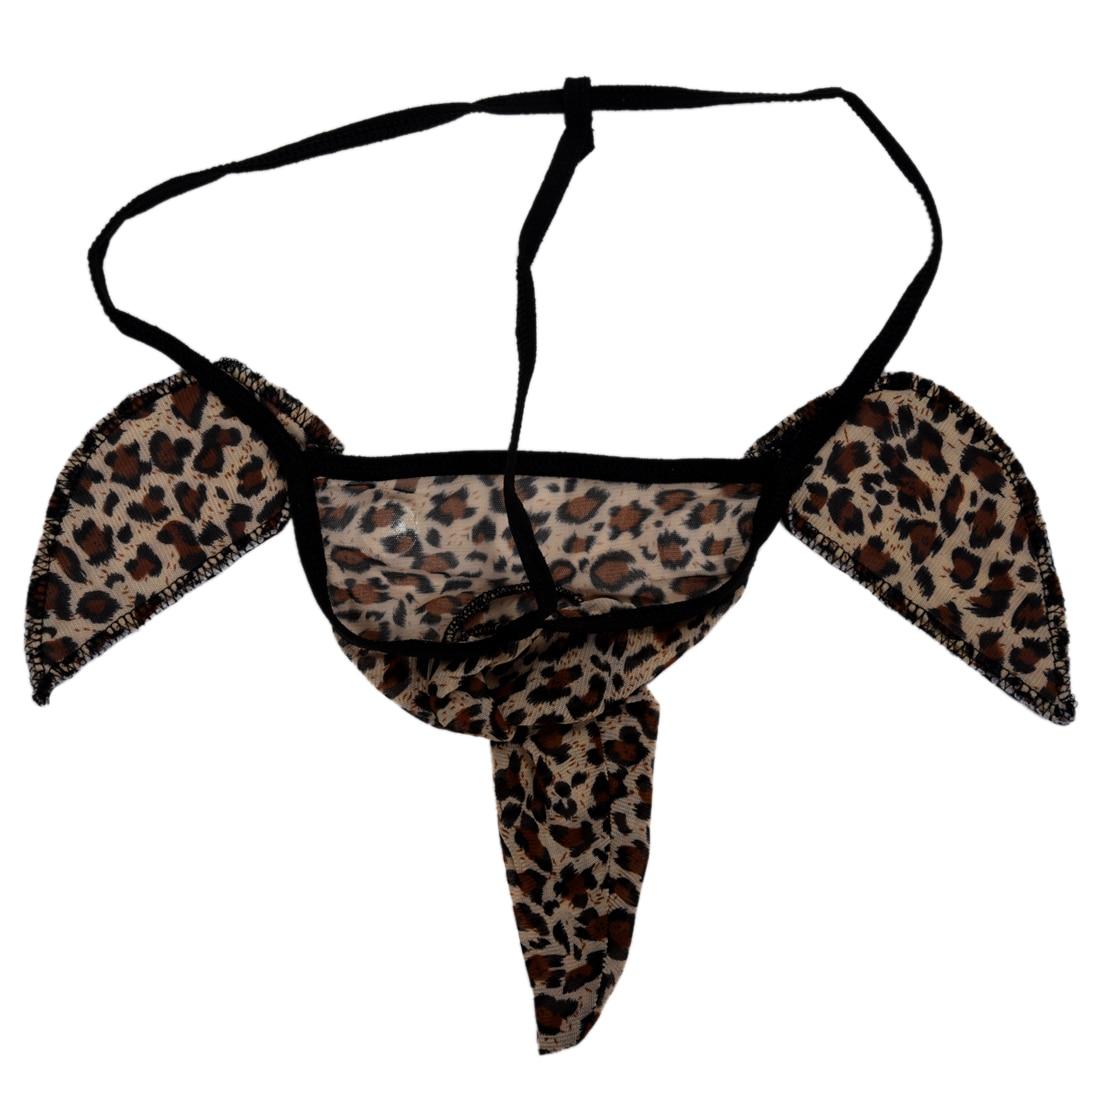 f7b5994b154 Hot Sexy Men Elephant Underwear Pouch Briefs Thongs Funny G-string-Leopard